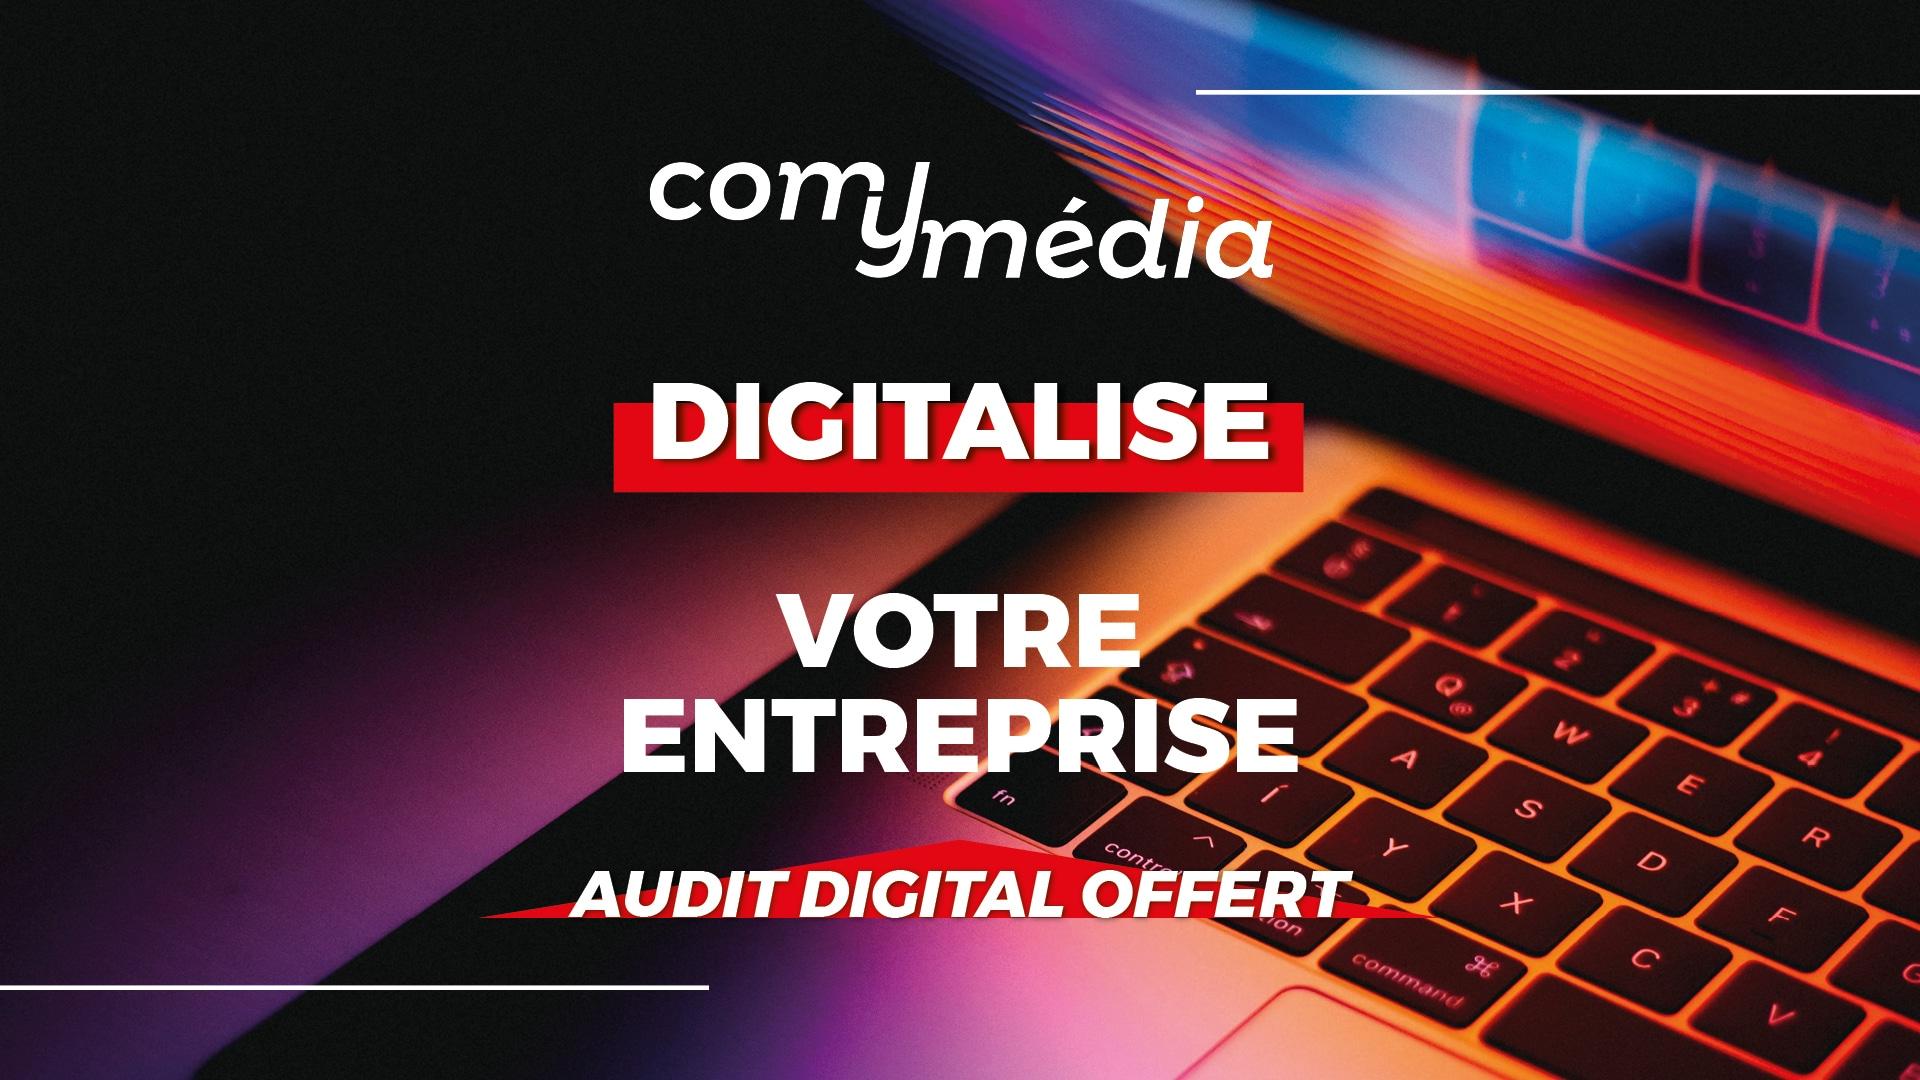 Com y Média digitalise votre entreprise